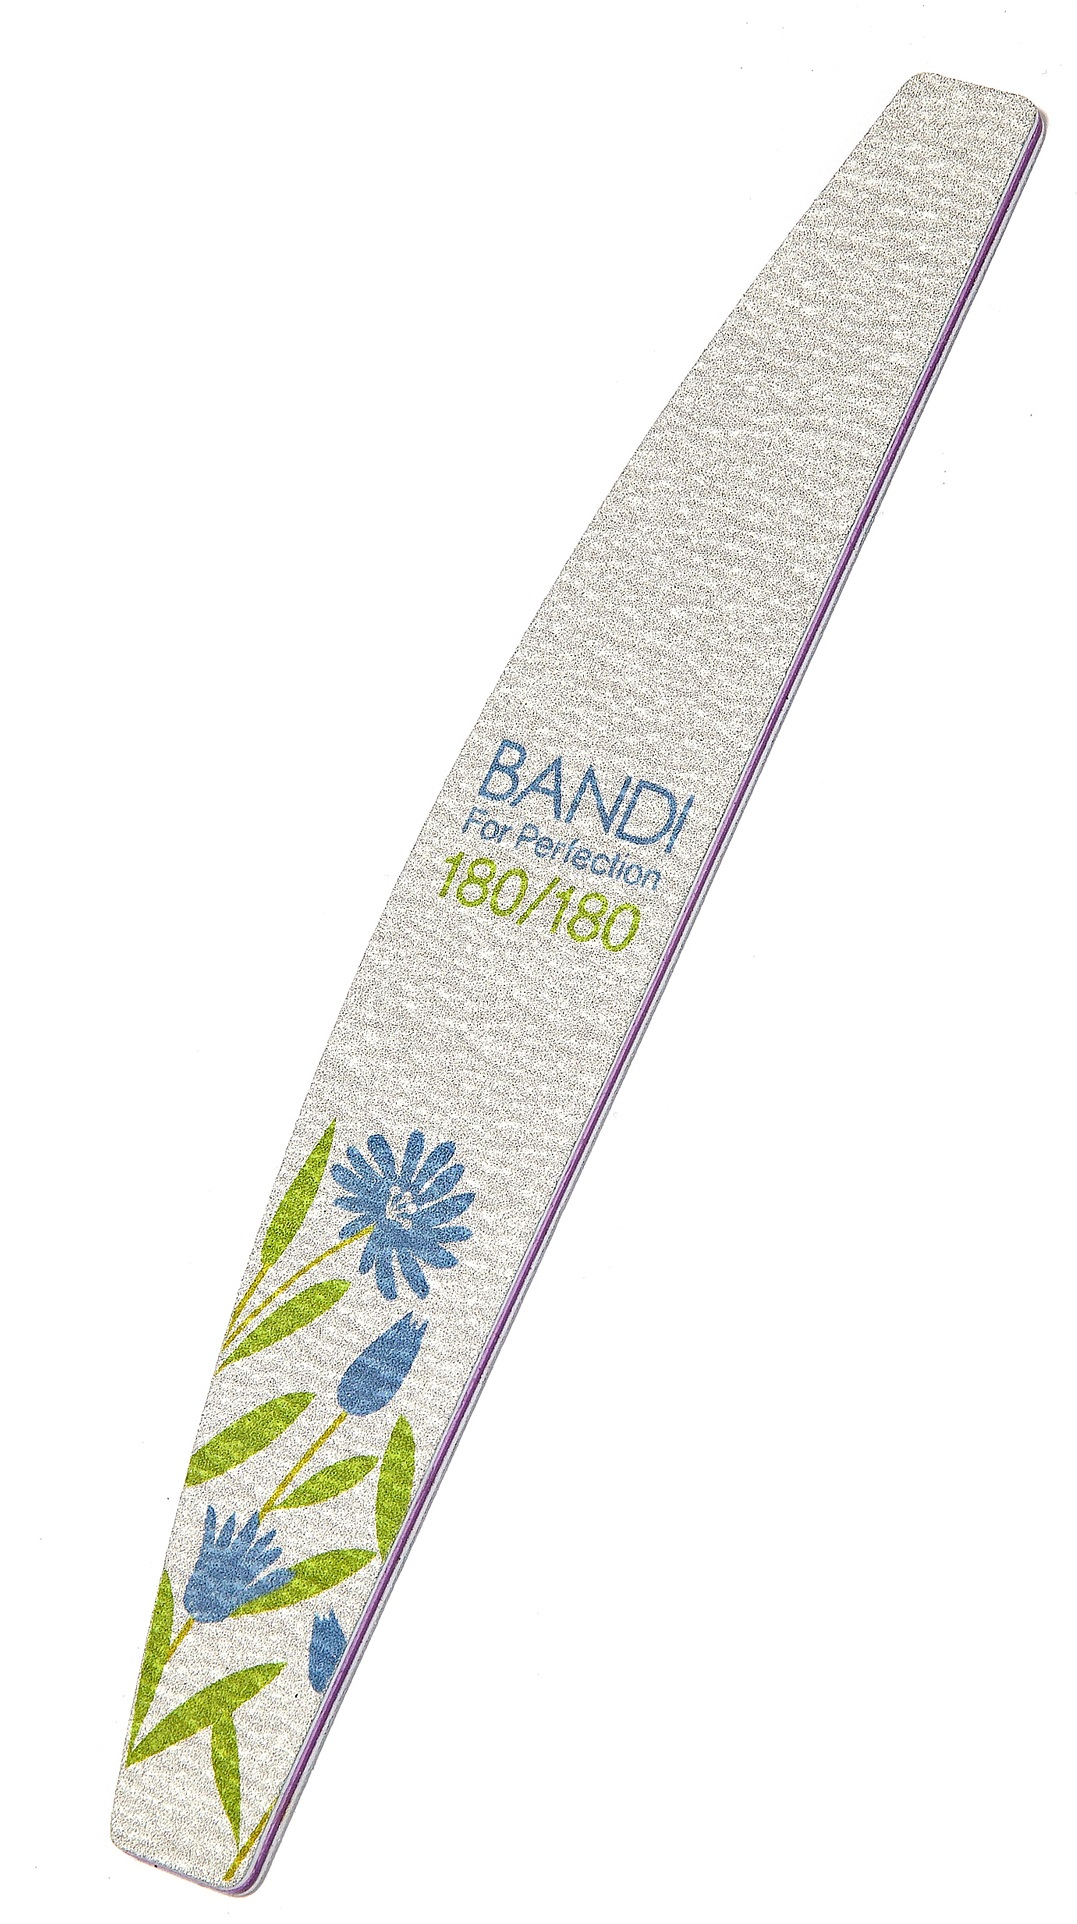 BANDI Пилочка для ногтей 180/180 / FILE 1 шт фото